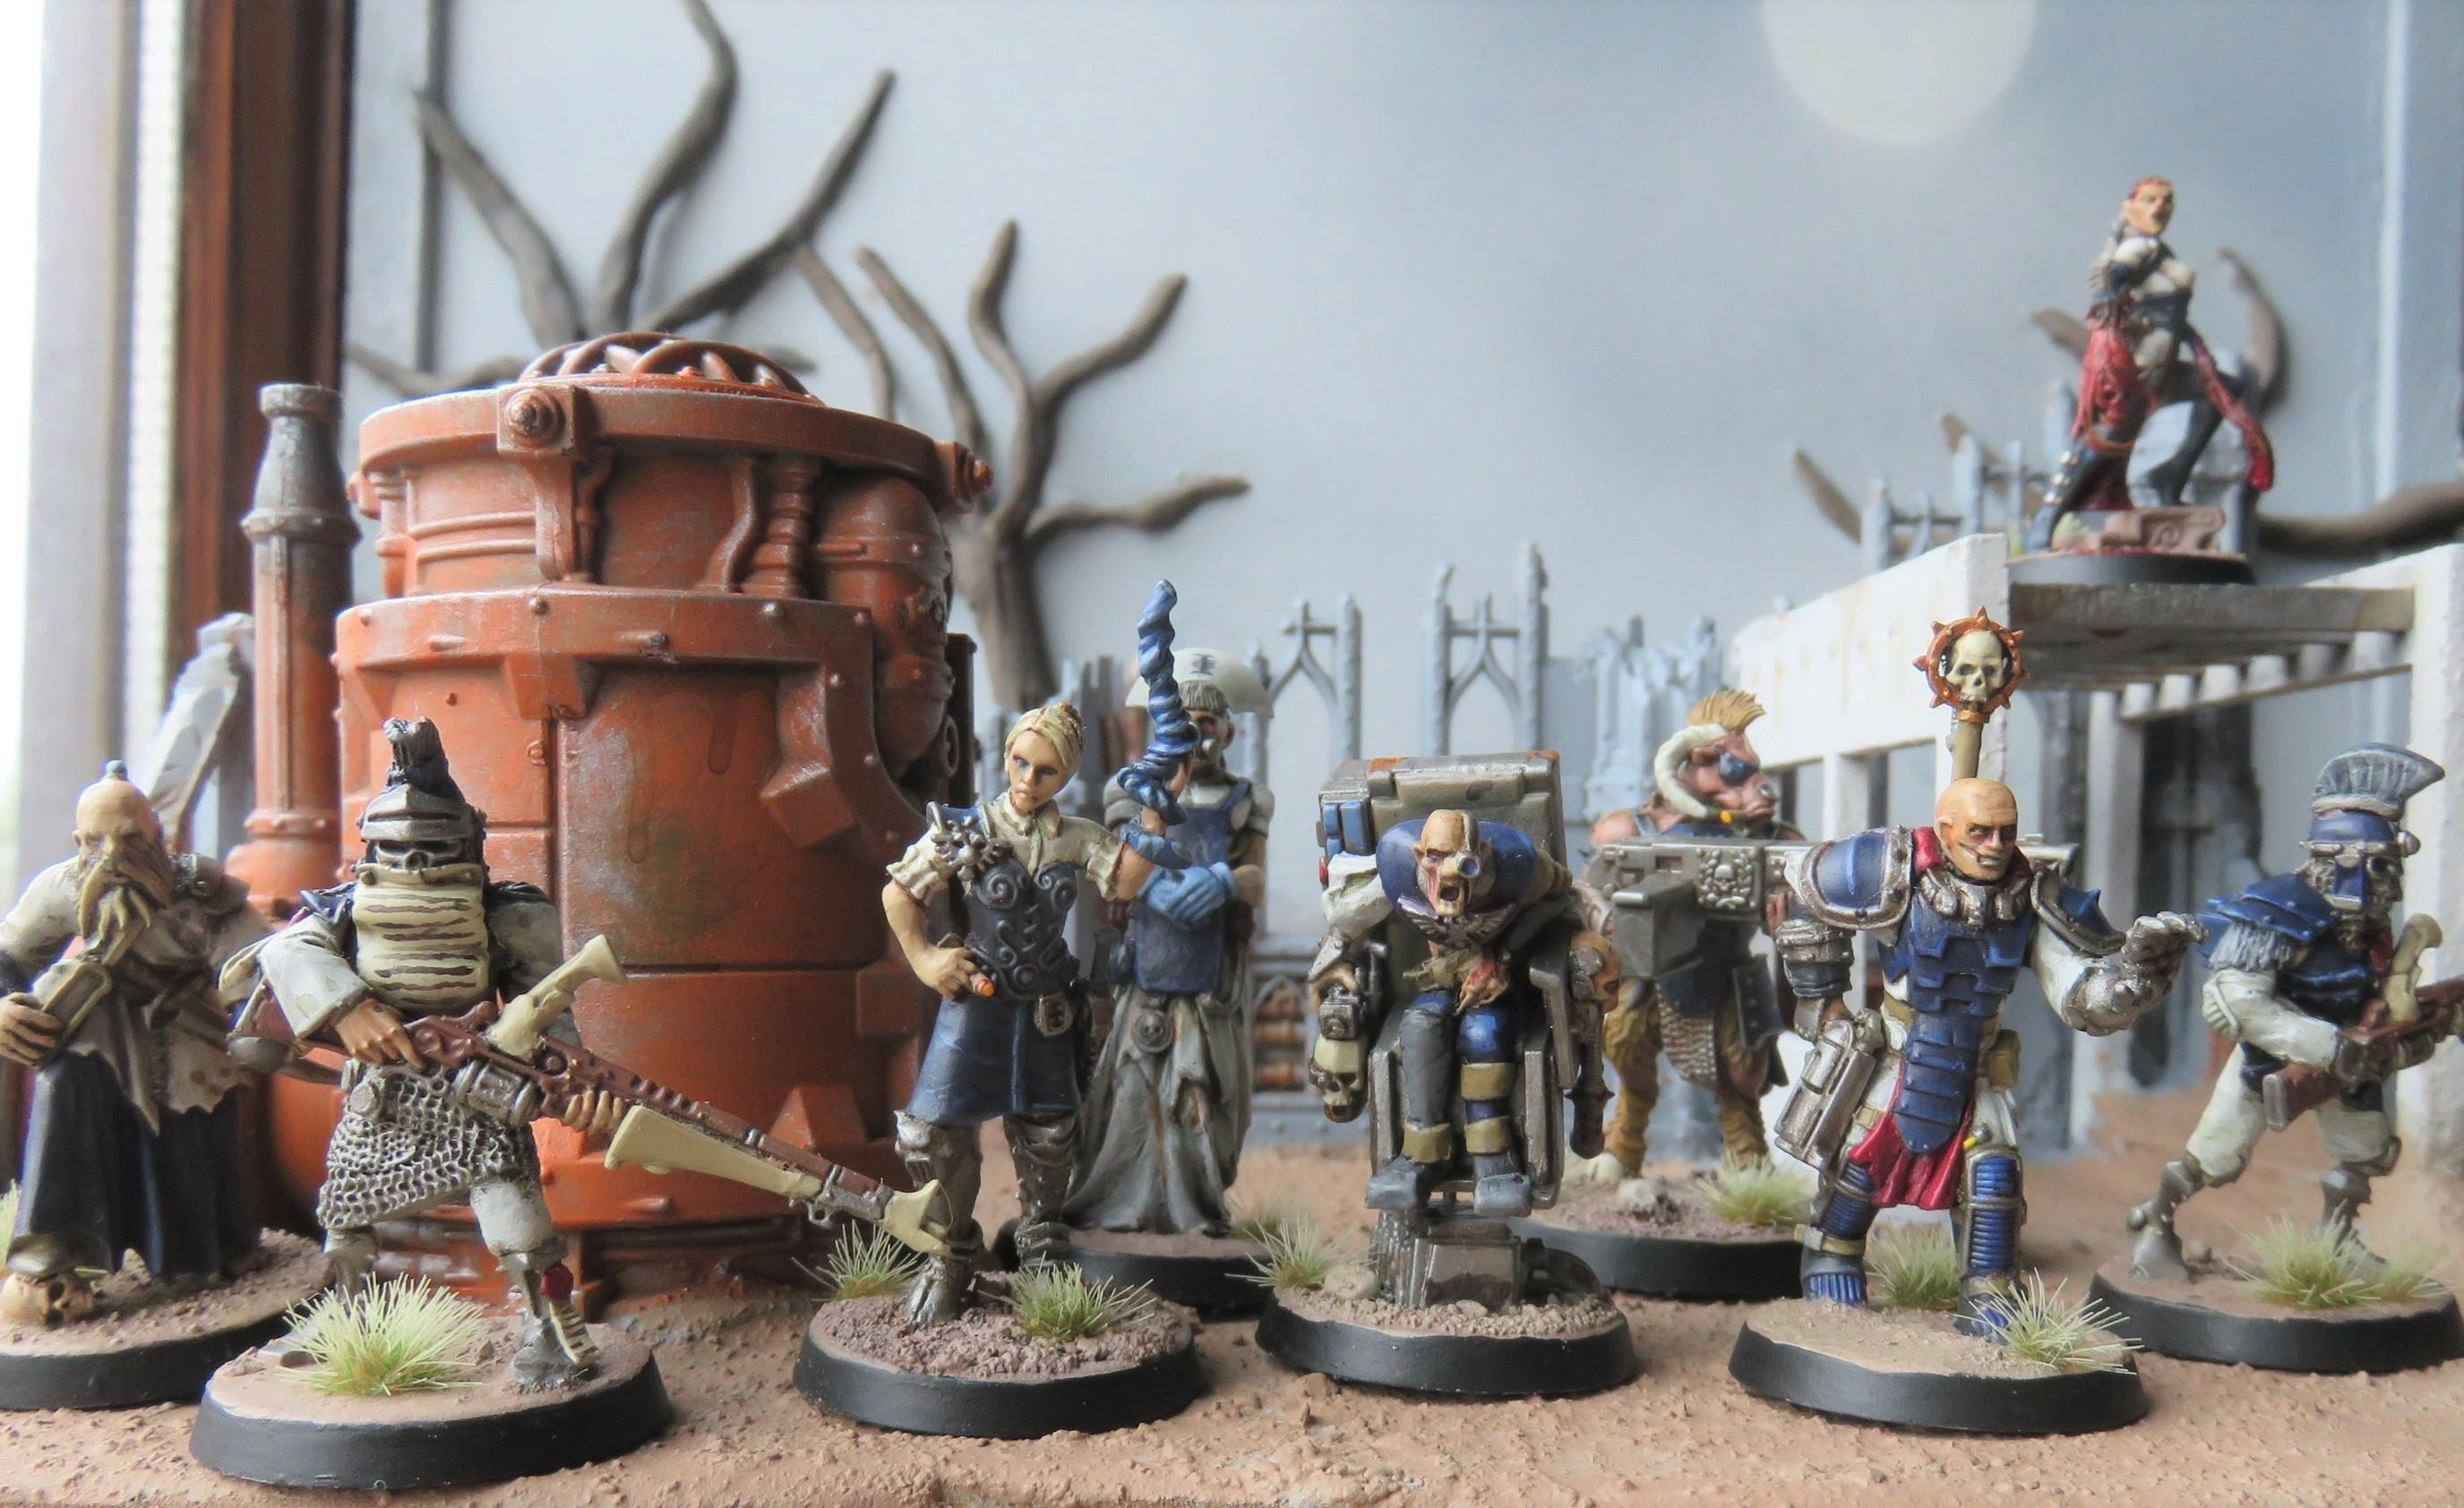 Inq28, Inquisitor, Ordo Miraculus, Retinue, Warband